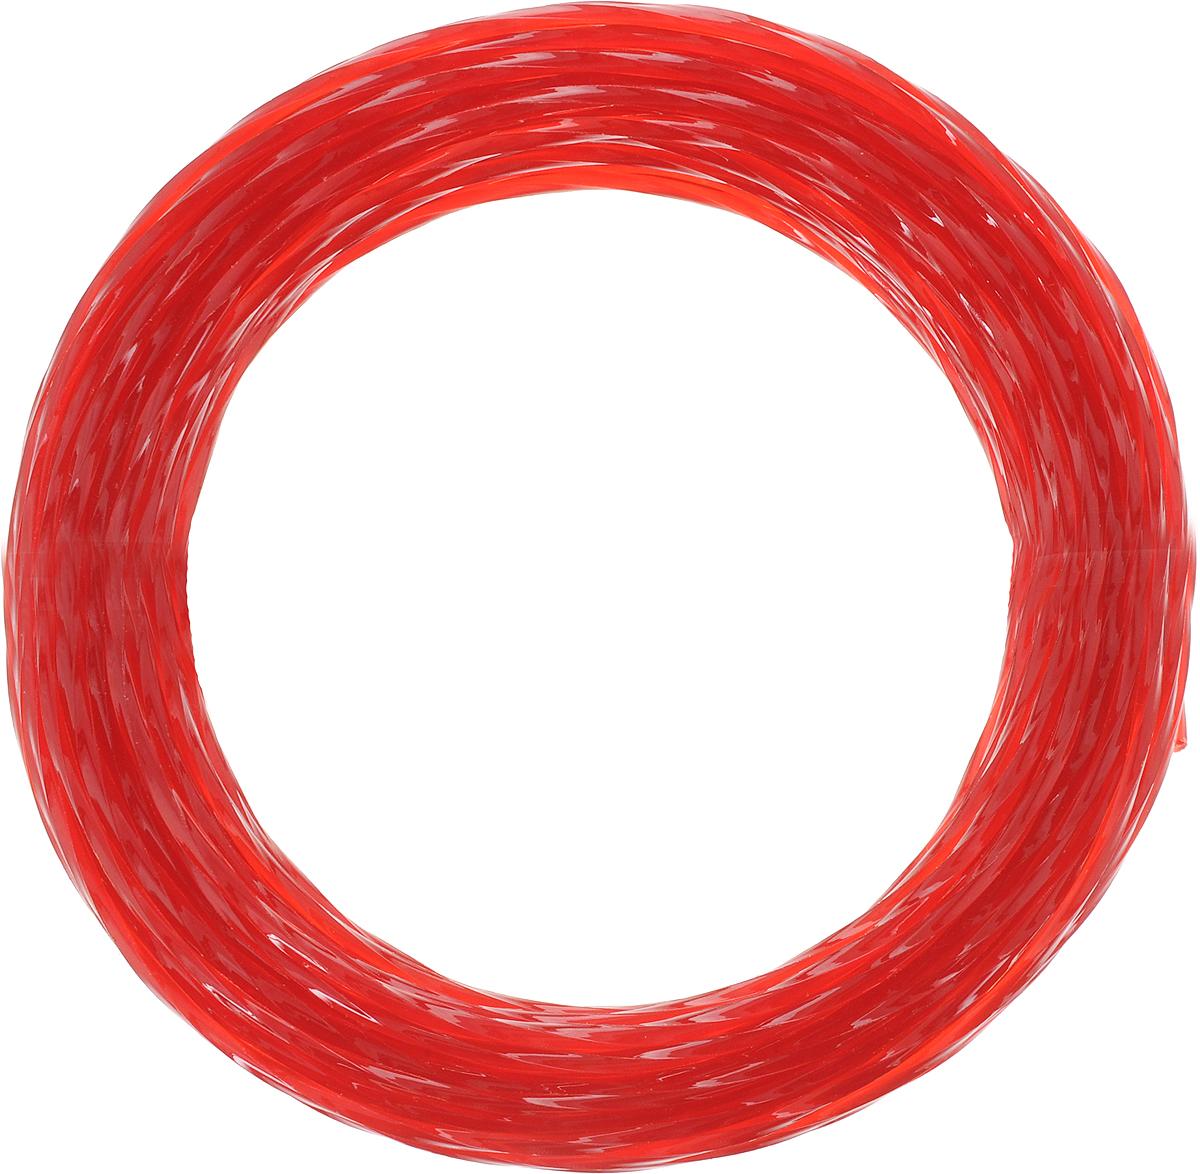 Леска для триммера Siat Professional Siat. Квадрат, цвет: красный, диаметр 2 мм, длина 15 м леска для триммера oregon 99152е старлайн 2 мм х 15 м